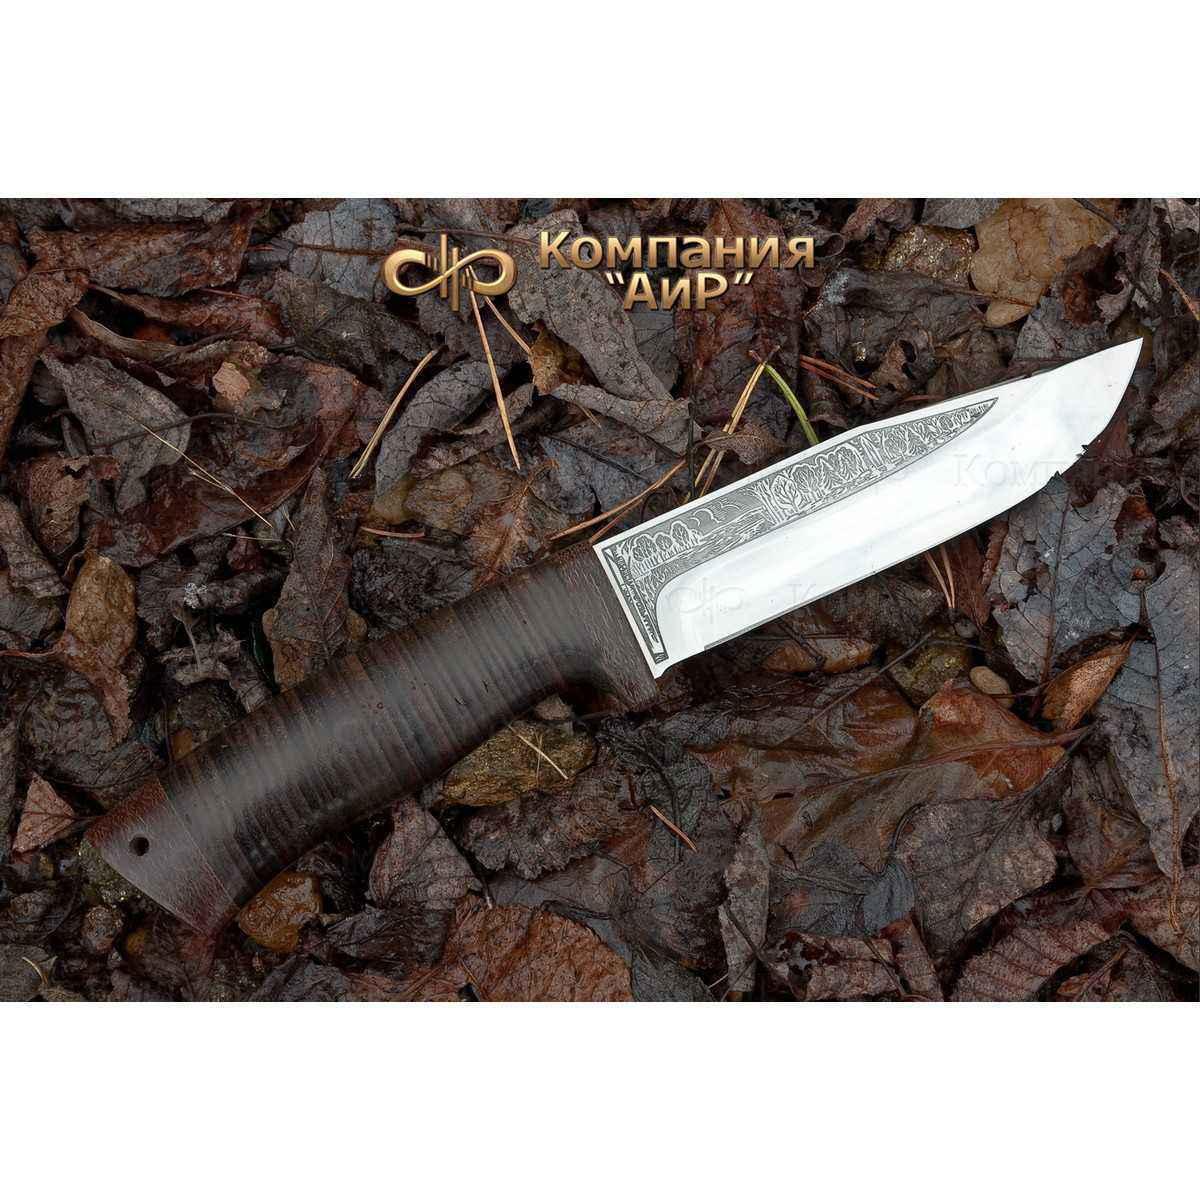 Нож АиР Турист, сталь M390, рукоять кожа фото